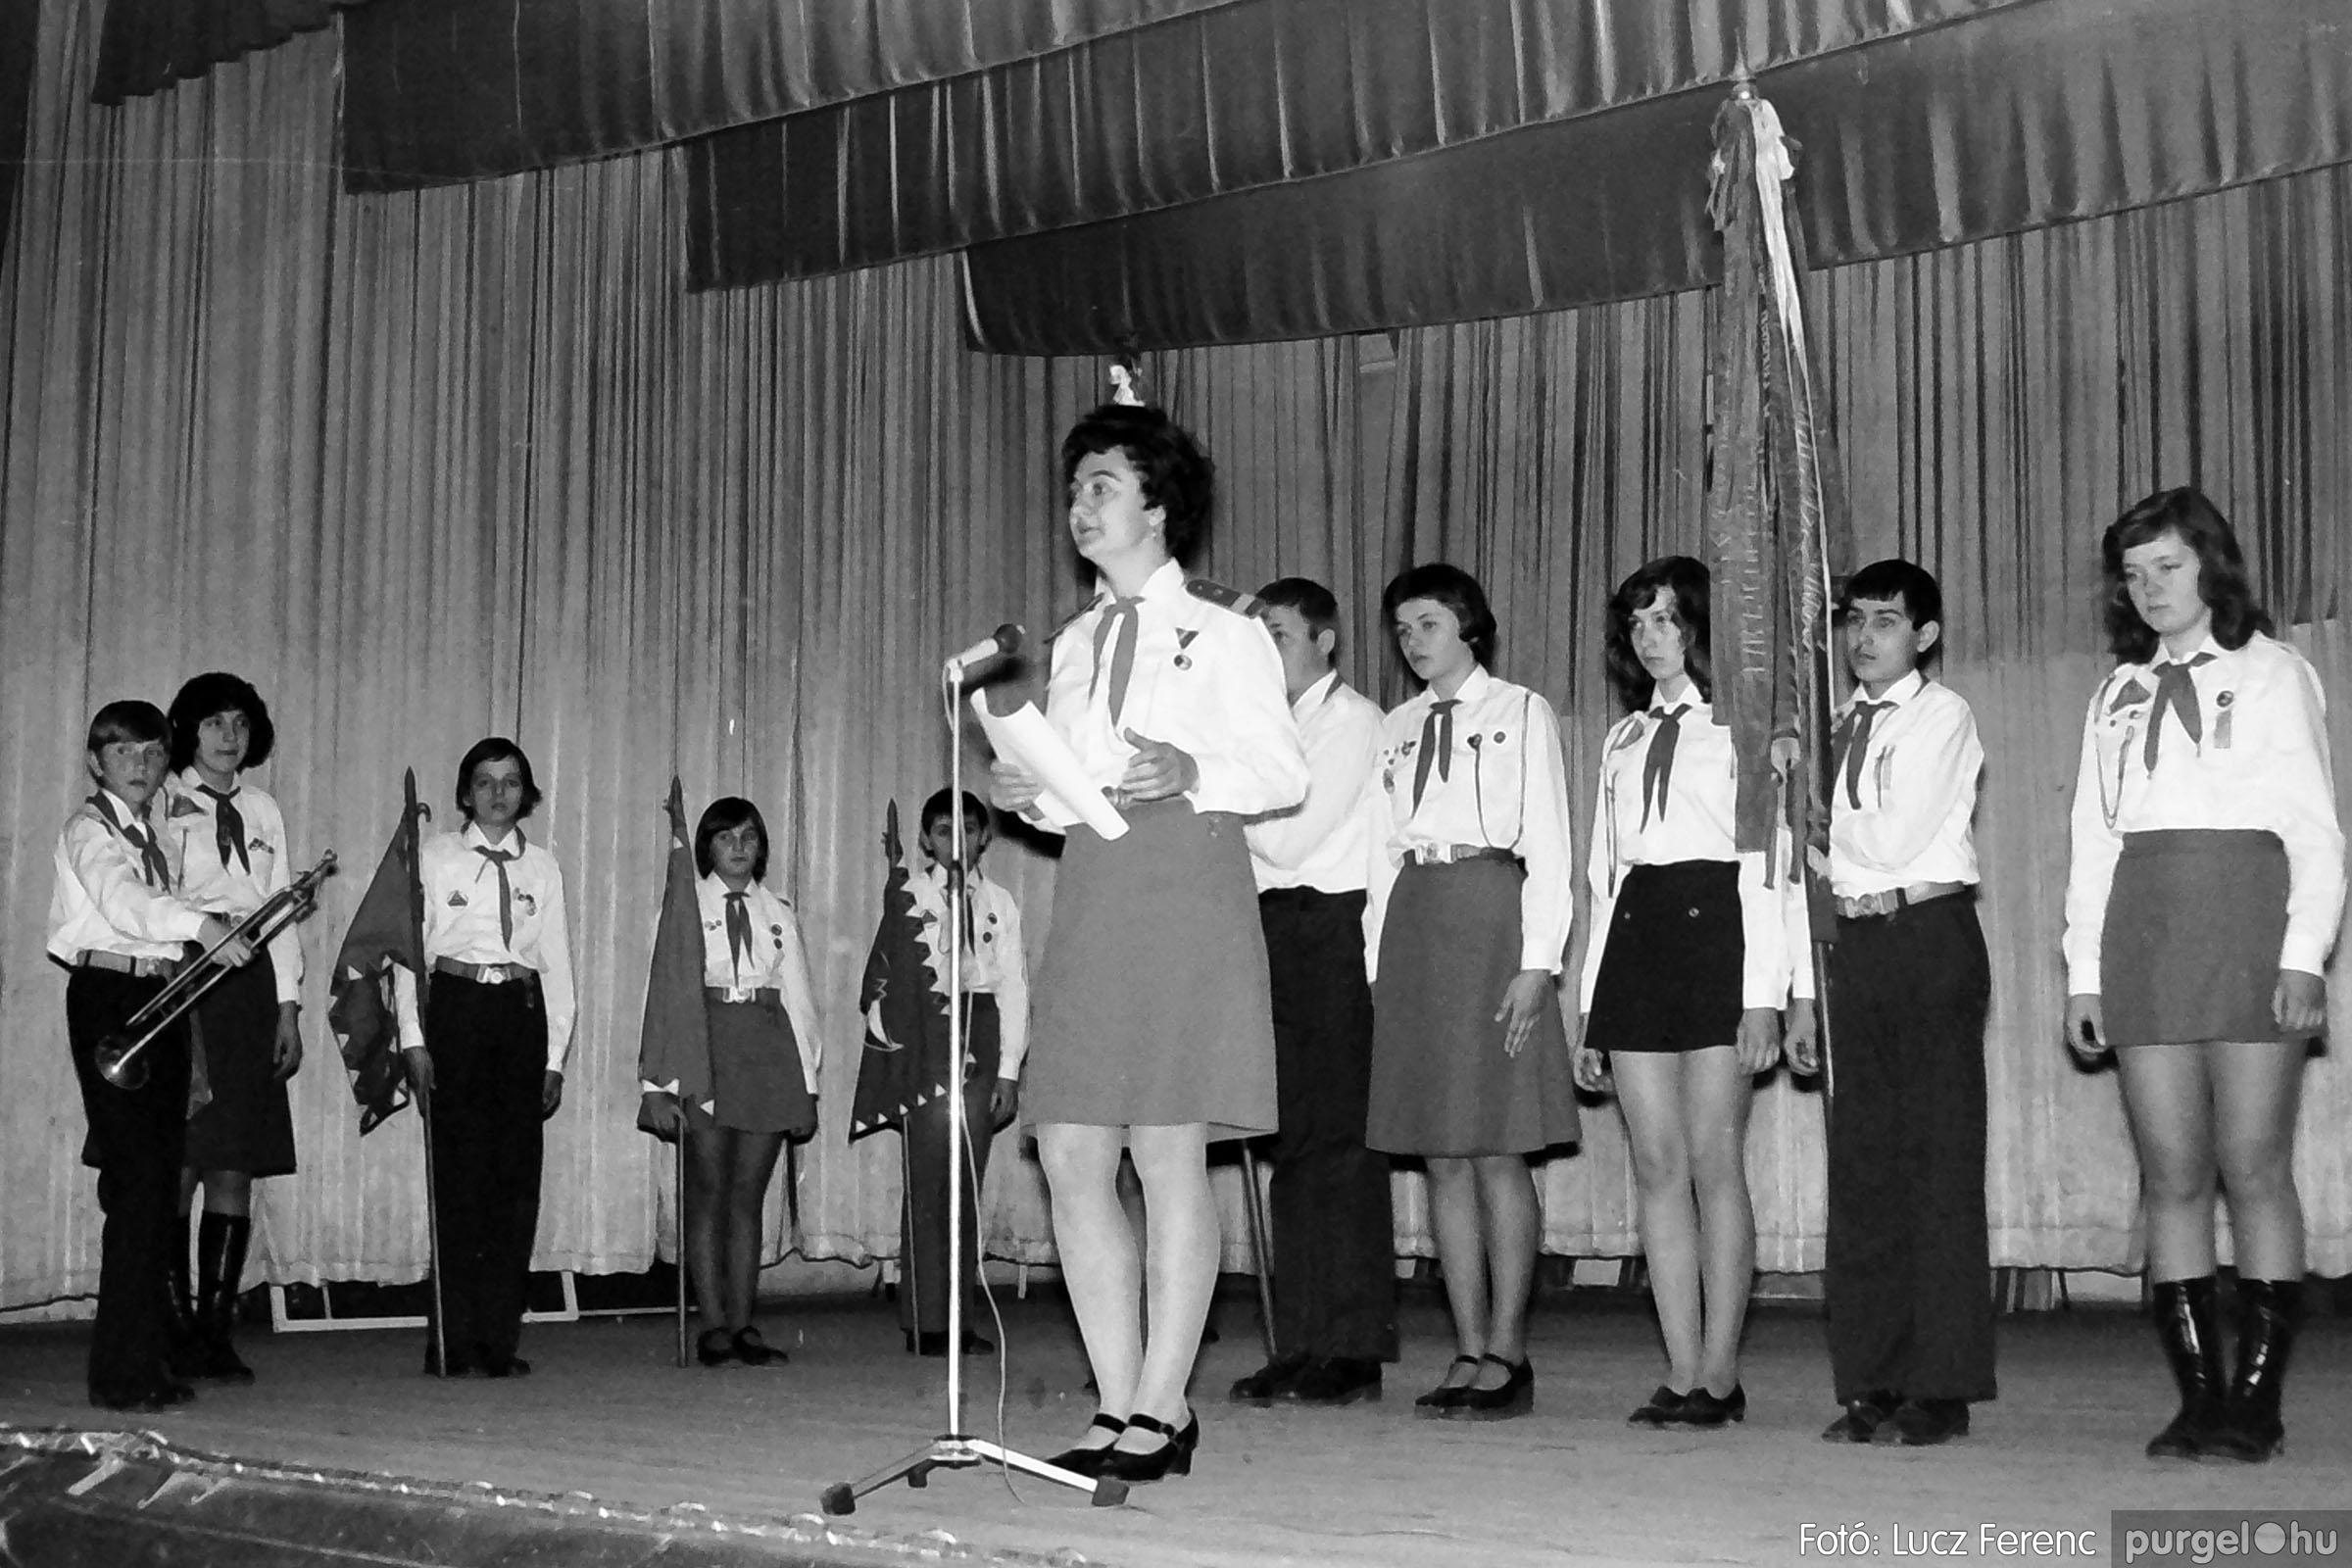 036-037. 1976. Diákprogram a kultúrházban 003 - Fotó: Lucz Ferenc.jpg